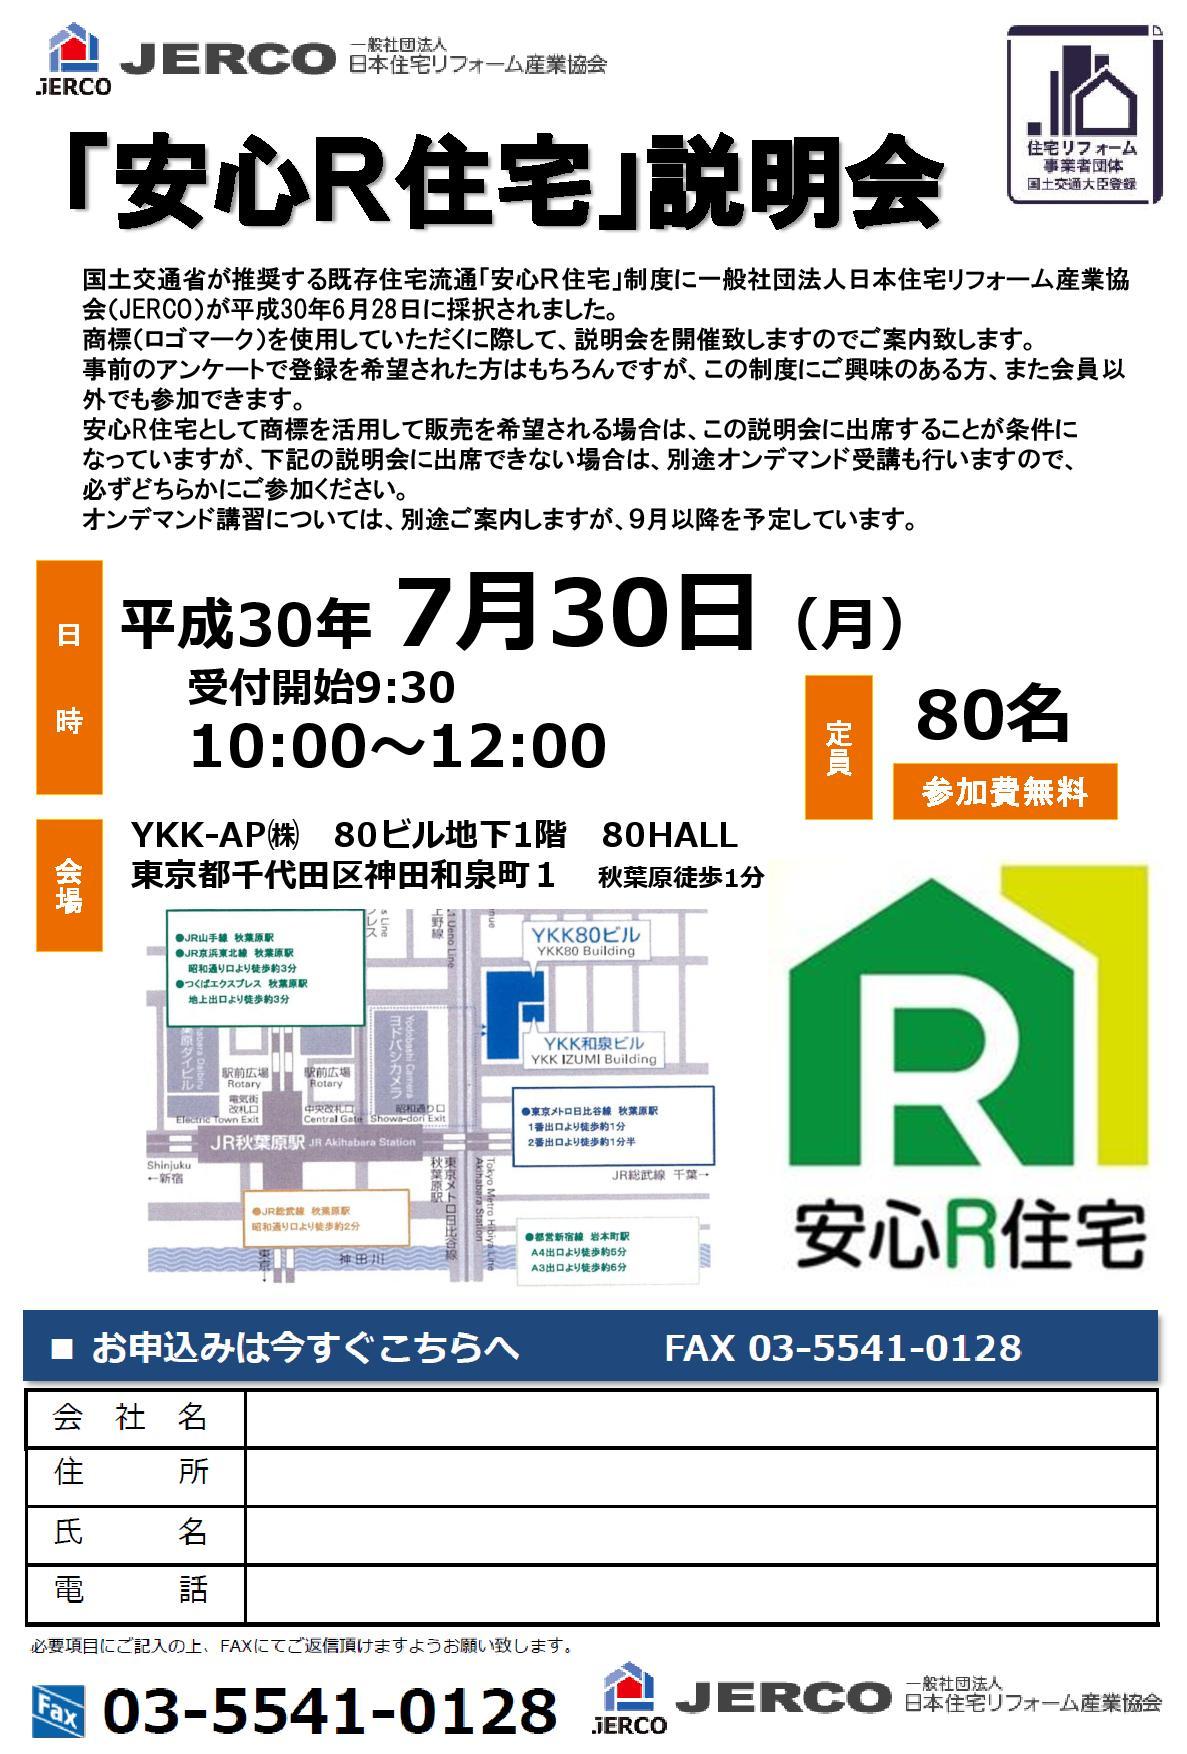 安心R住宅制度の説明会について【7月30日~順次開催】